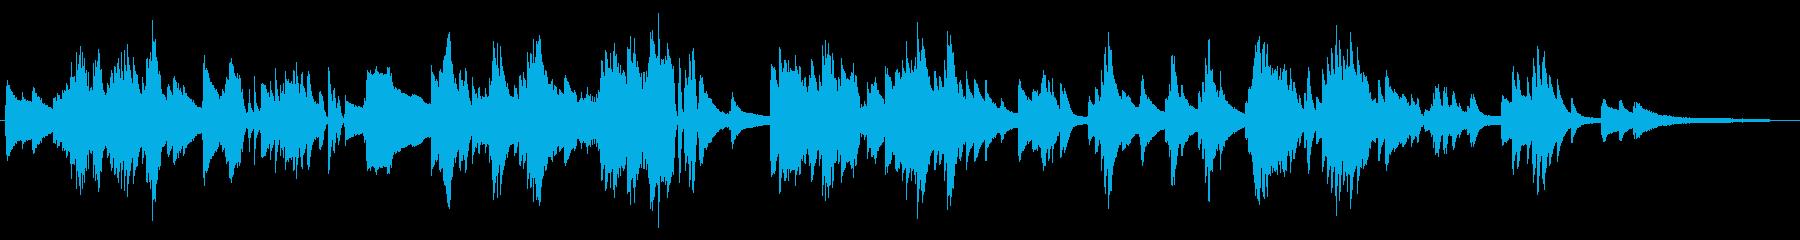 情感あふれるピアノバラードの再生済みの波形